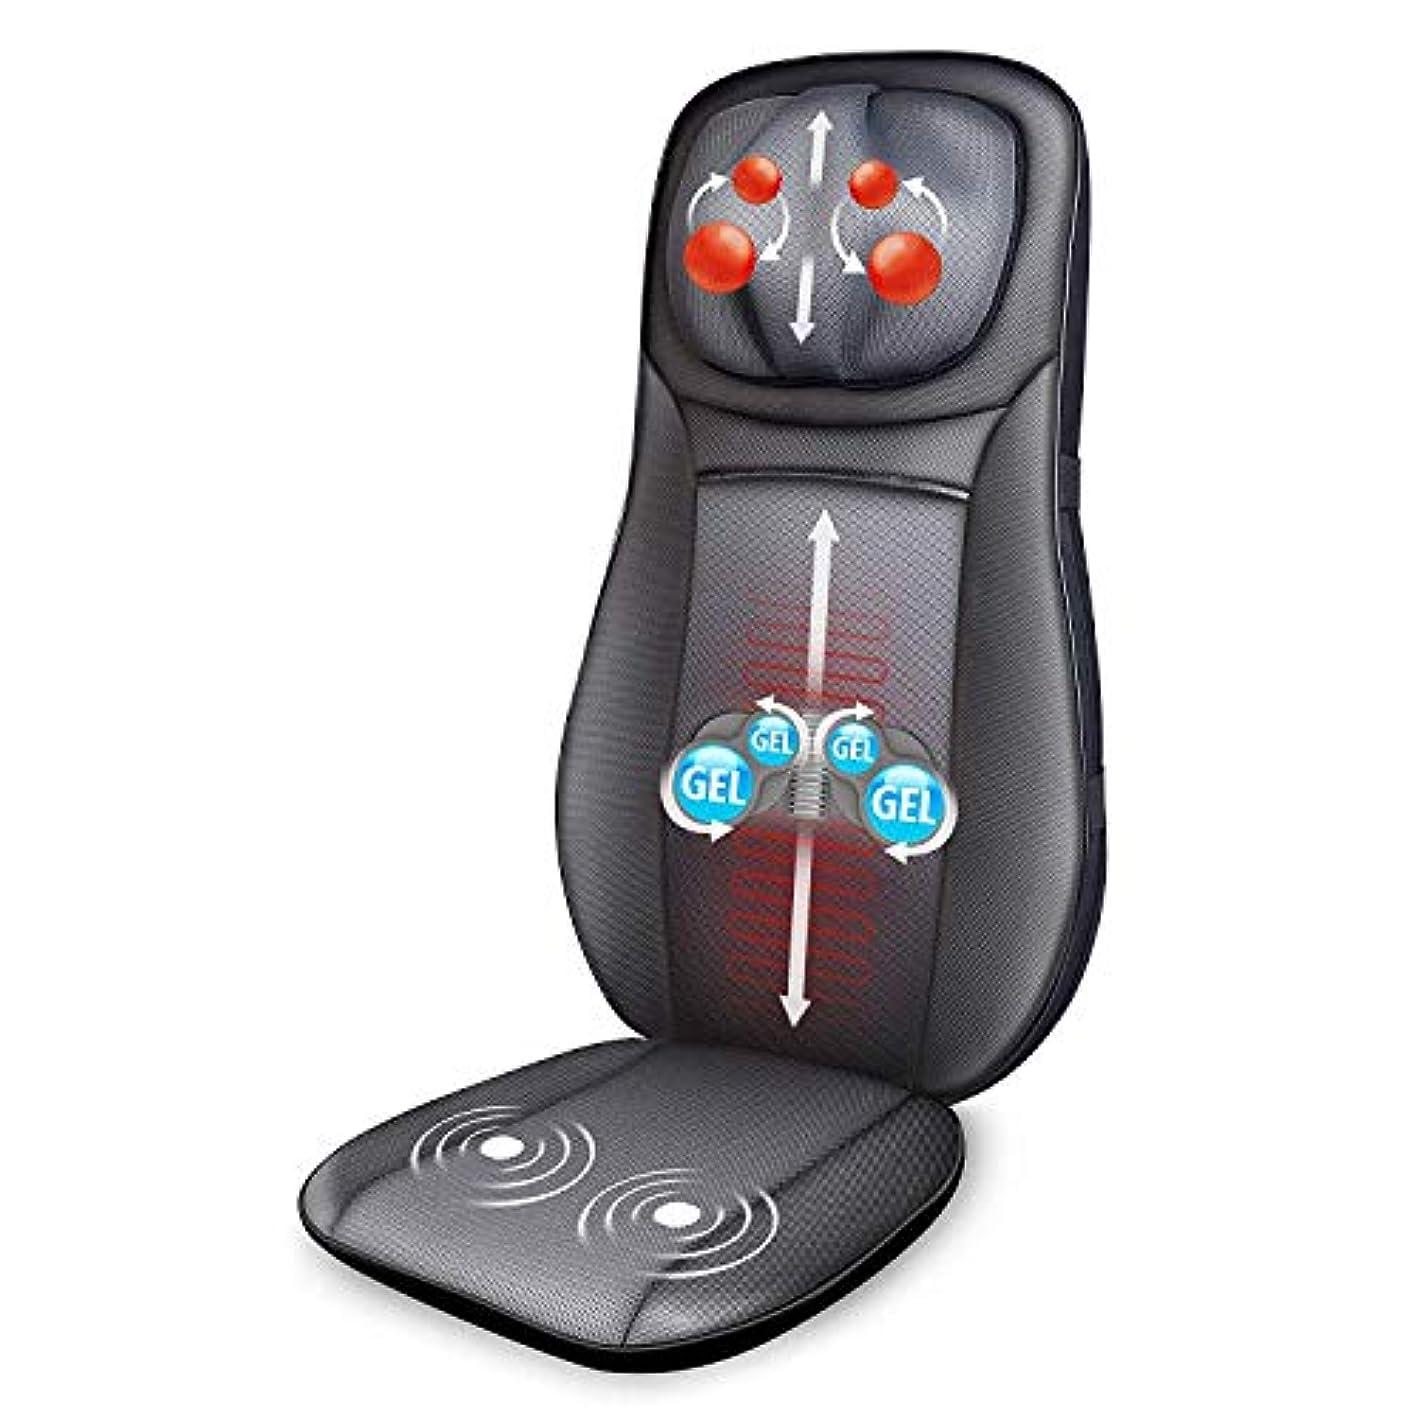 粒子兄フェードSnailax Gel Shiatsu Neck & Back Massager - Gel Massage Nodes, Full Back Heating Pad, Kneading Shiatsu or Rolling...